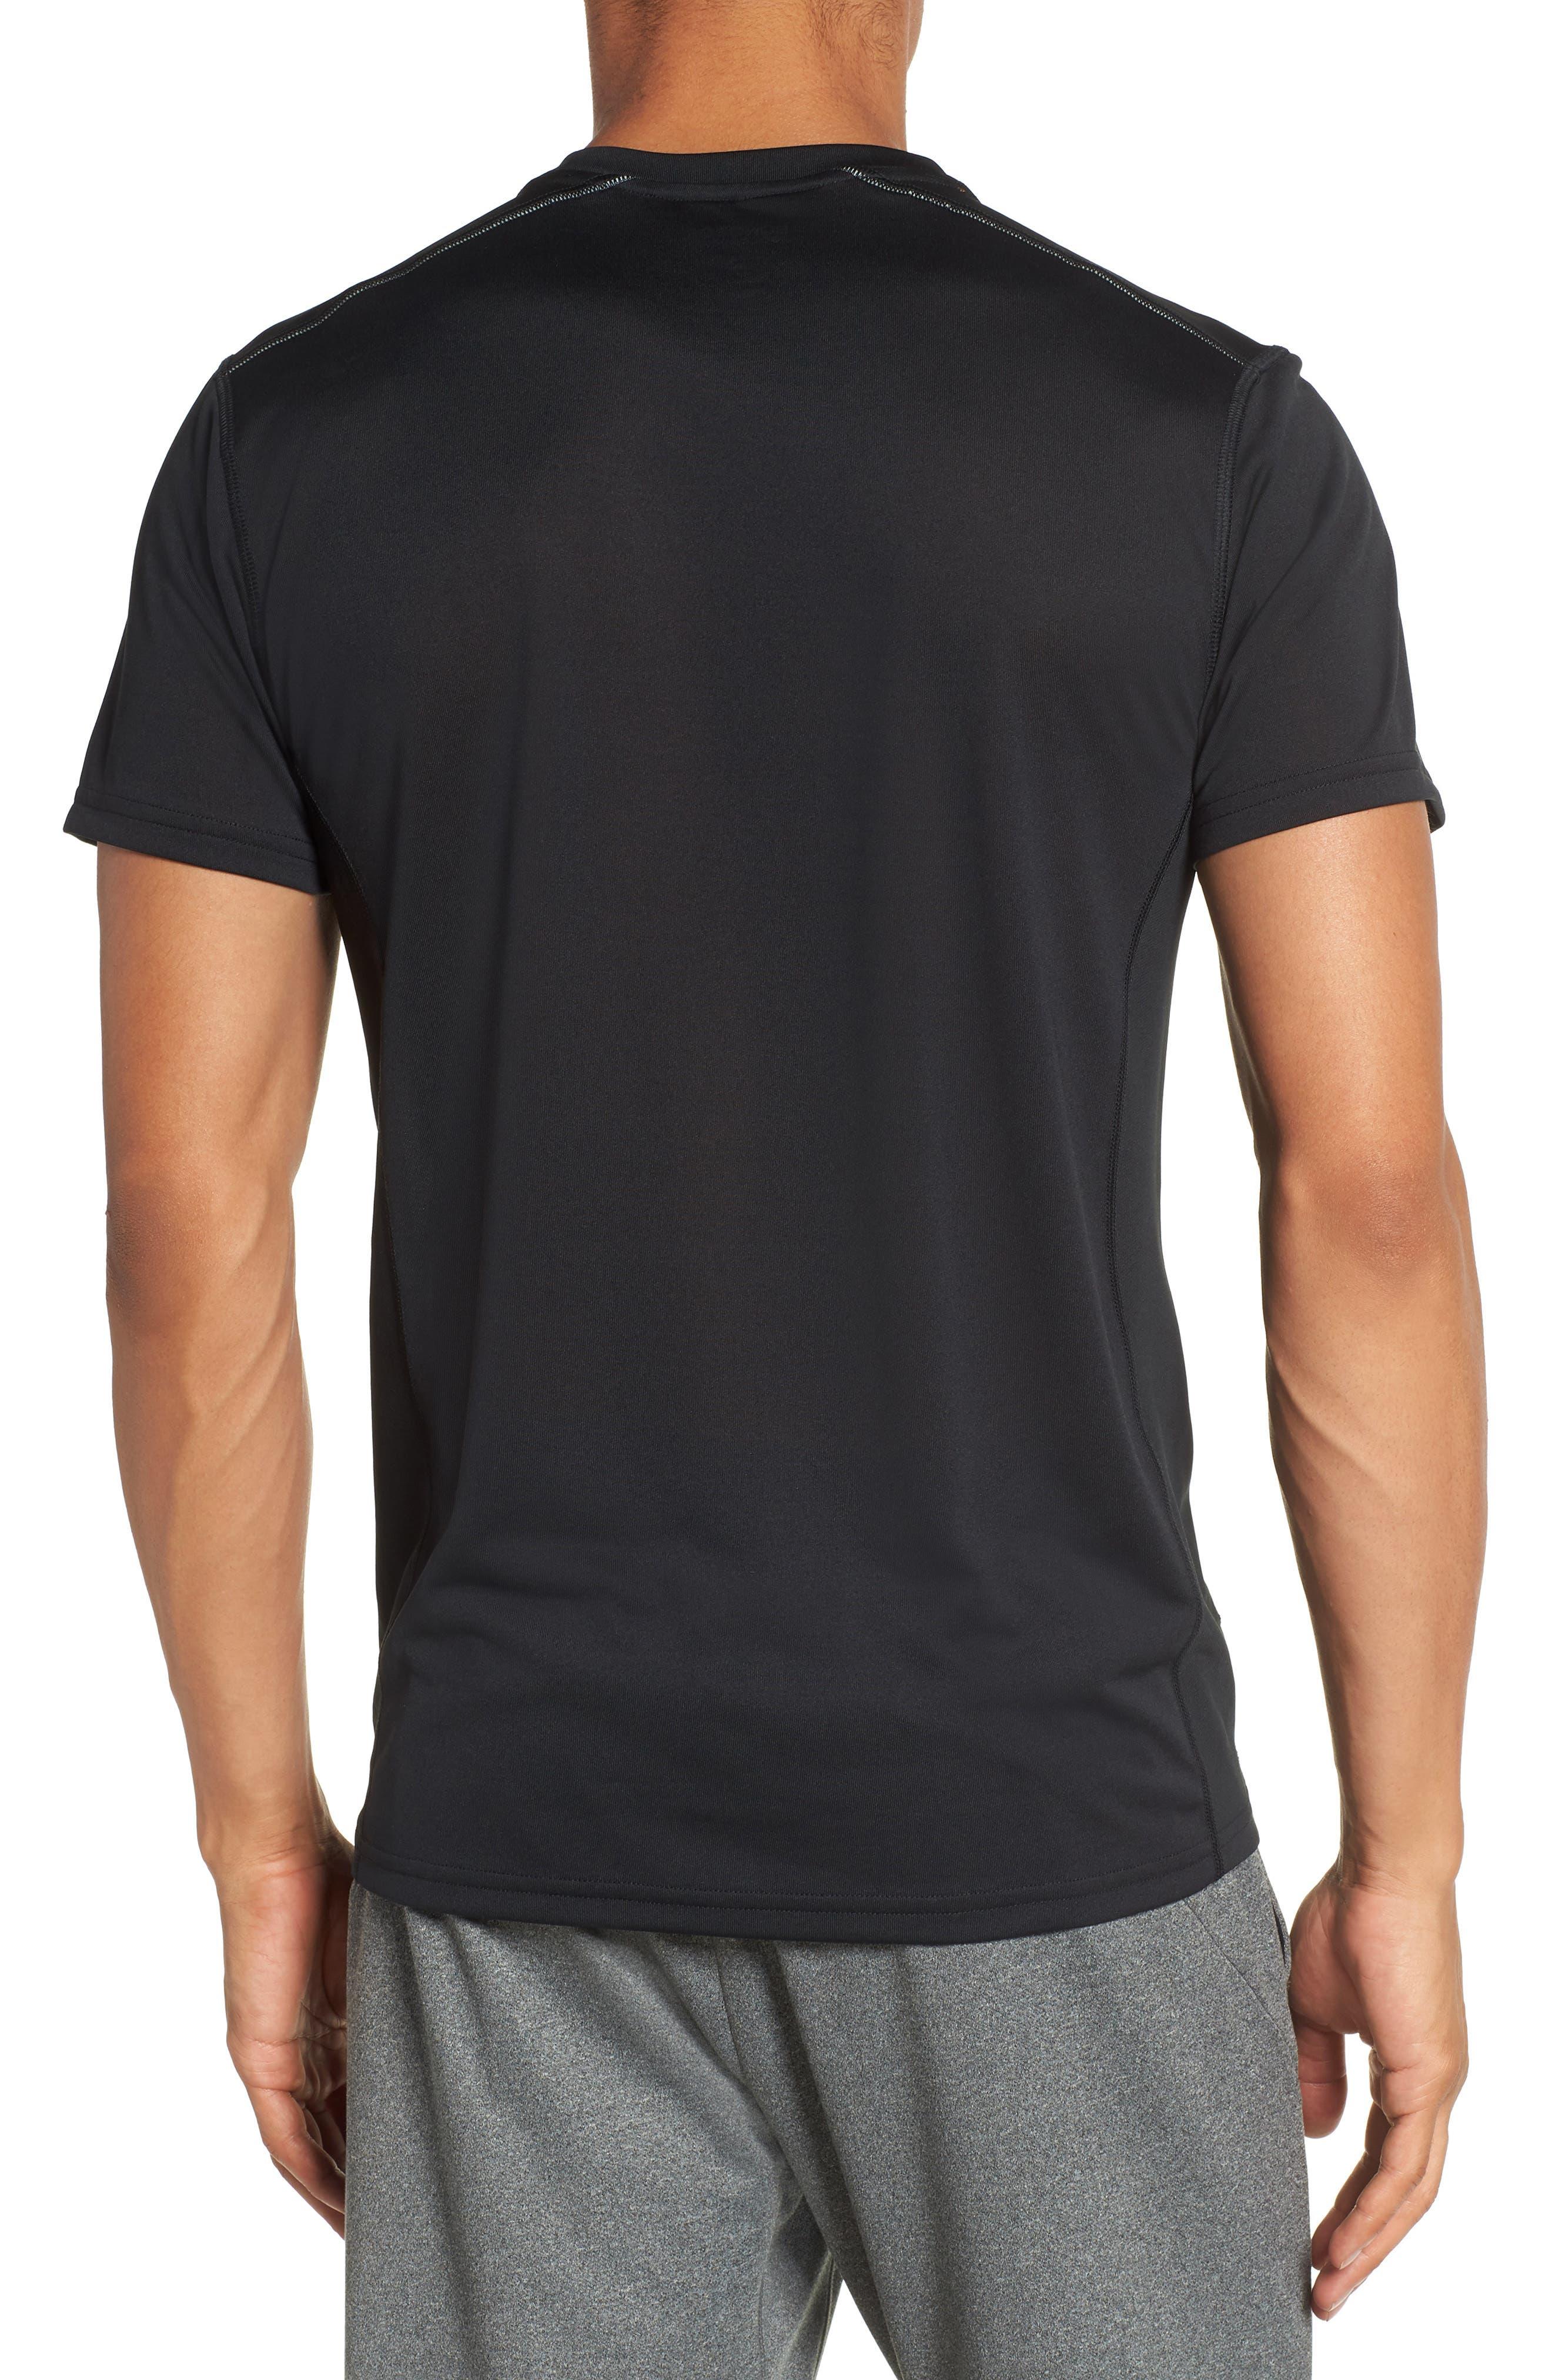 Goodsport Mesh Panel T-Shirt,                             Alternate thumbnail 2, color,                             001